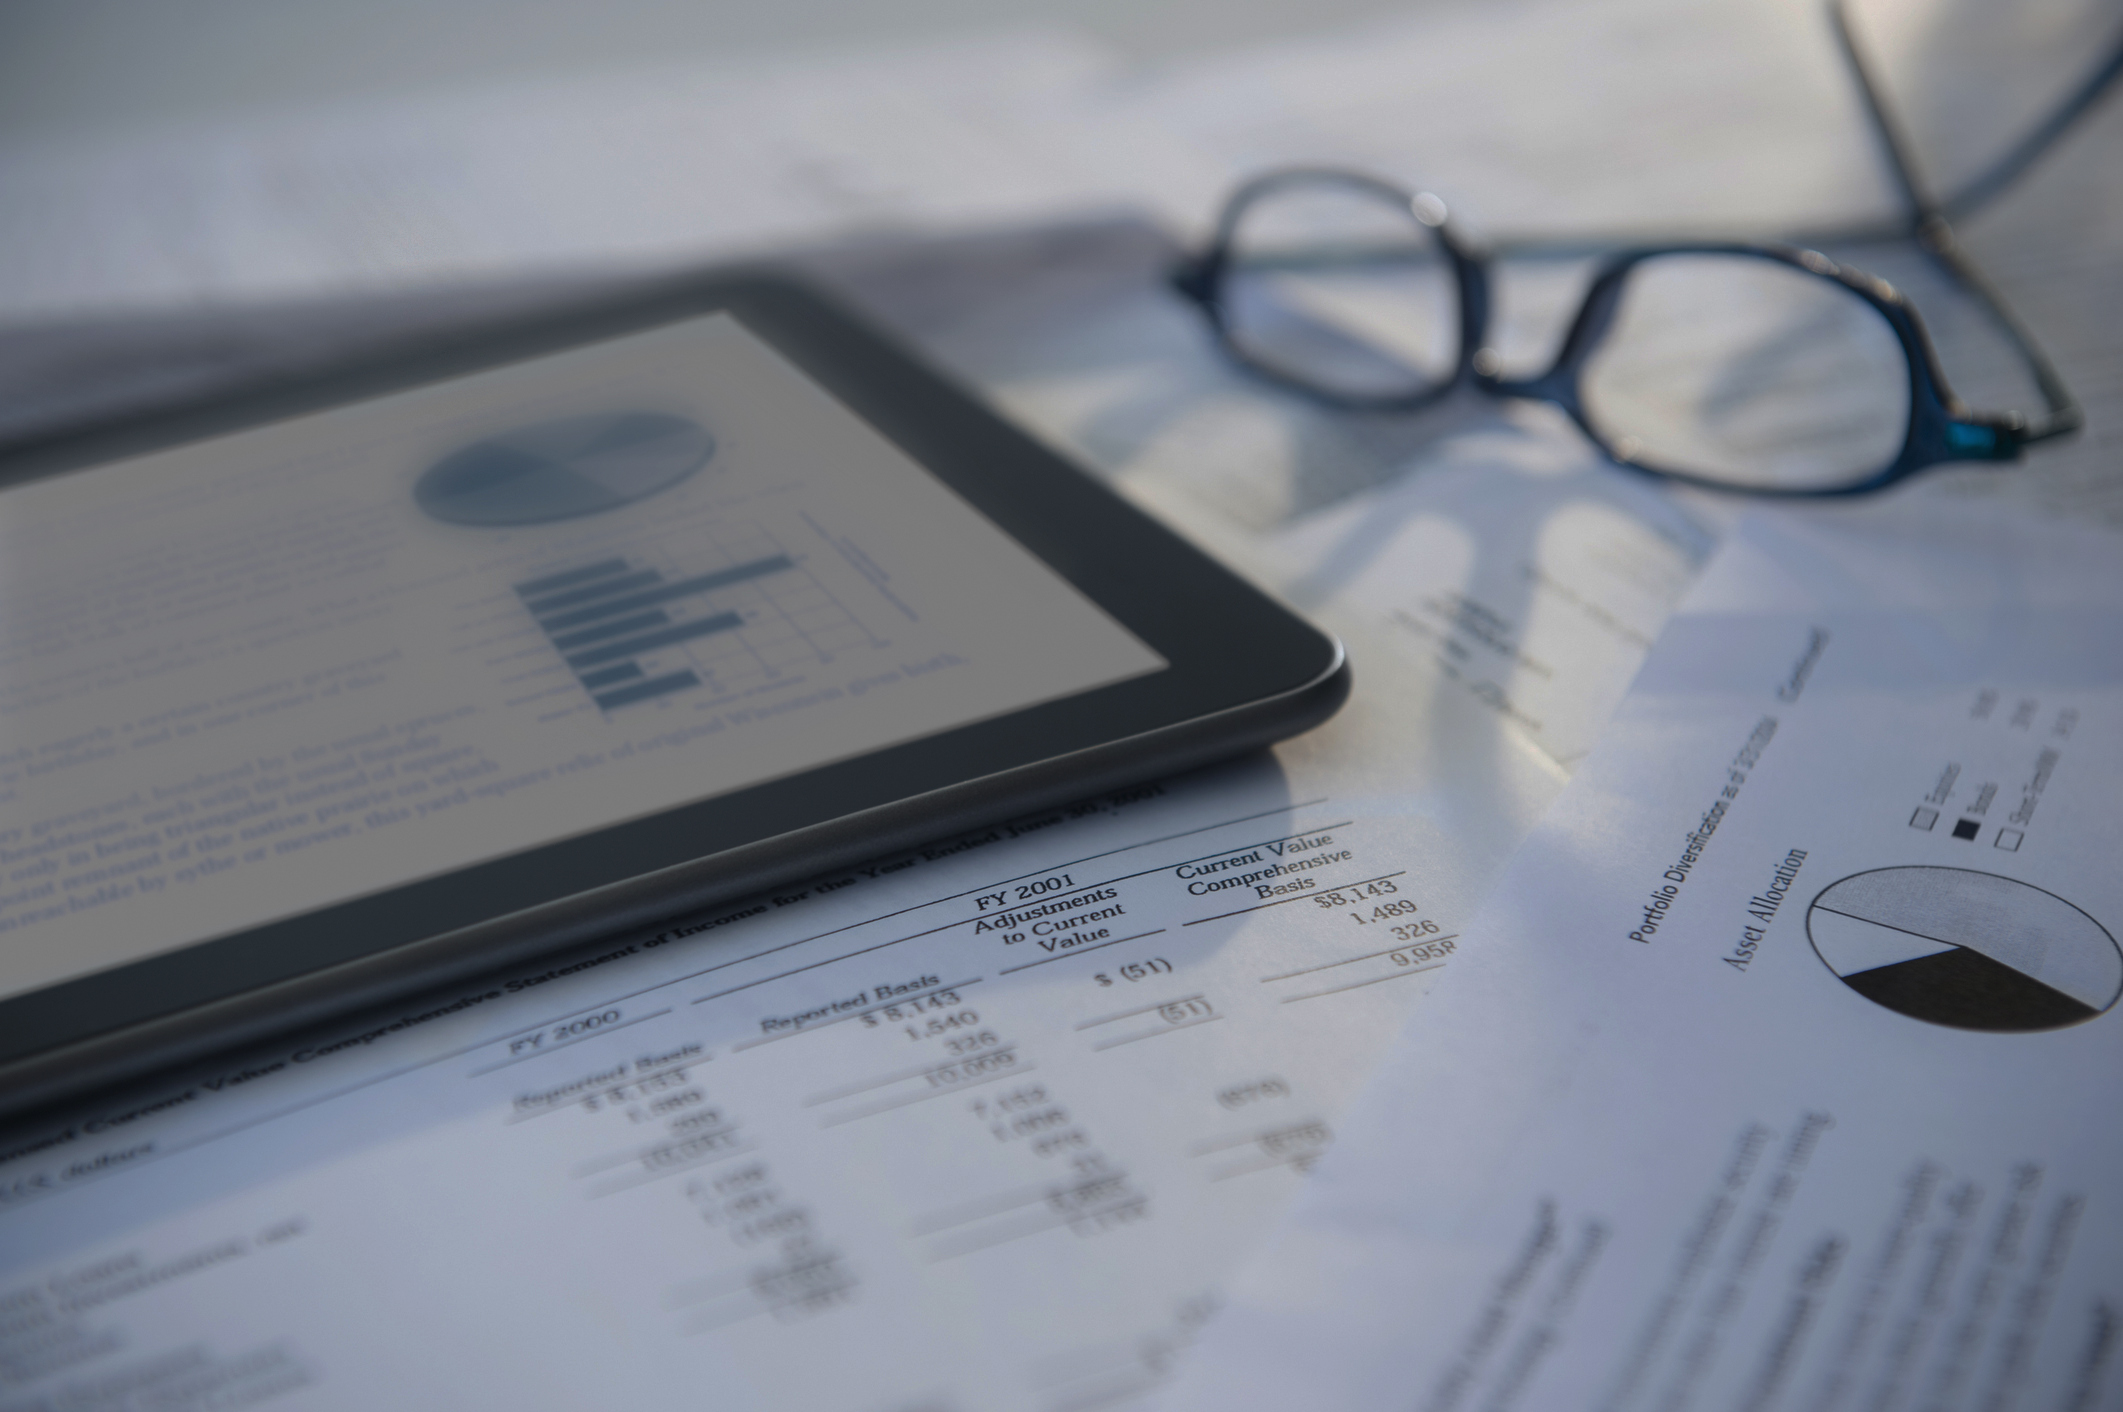 Software de gestão na prática: Como a tecnologia pode ajudar o meu negócio?